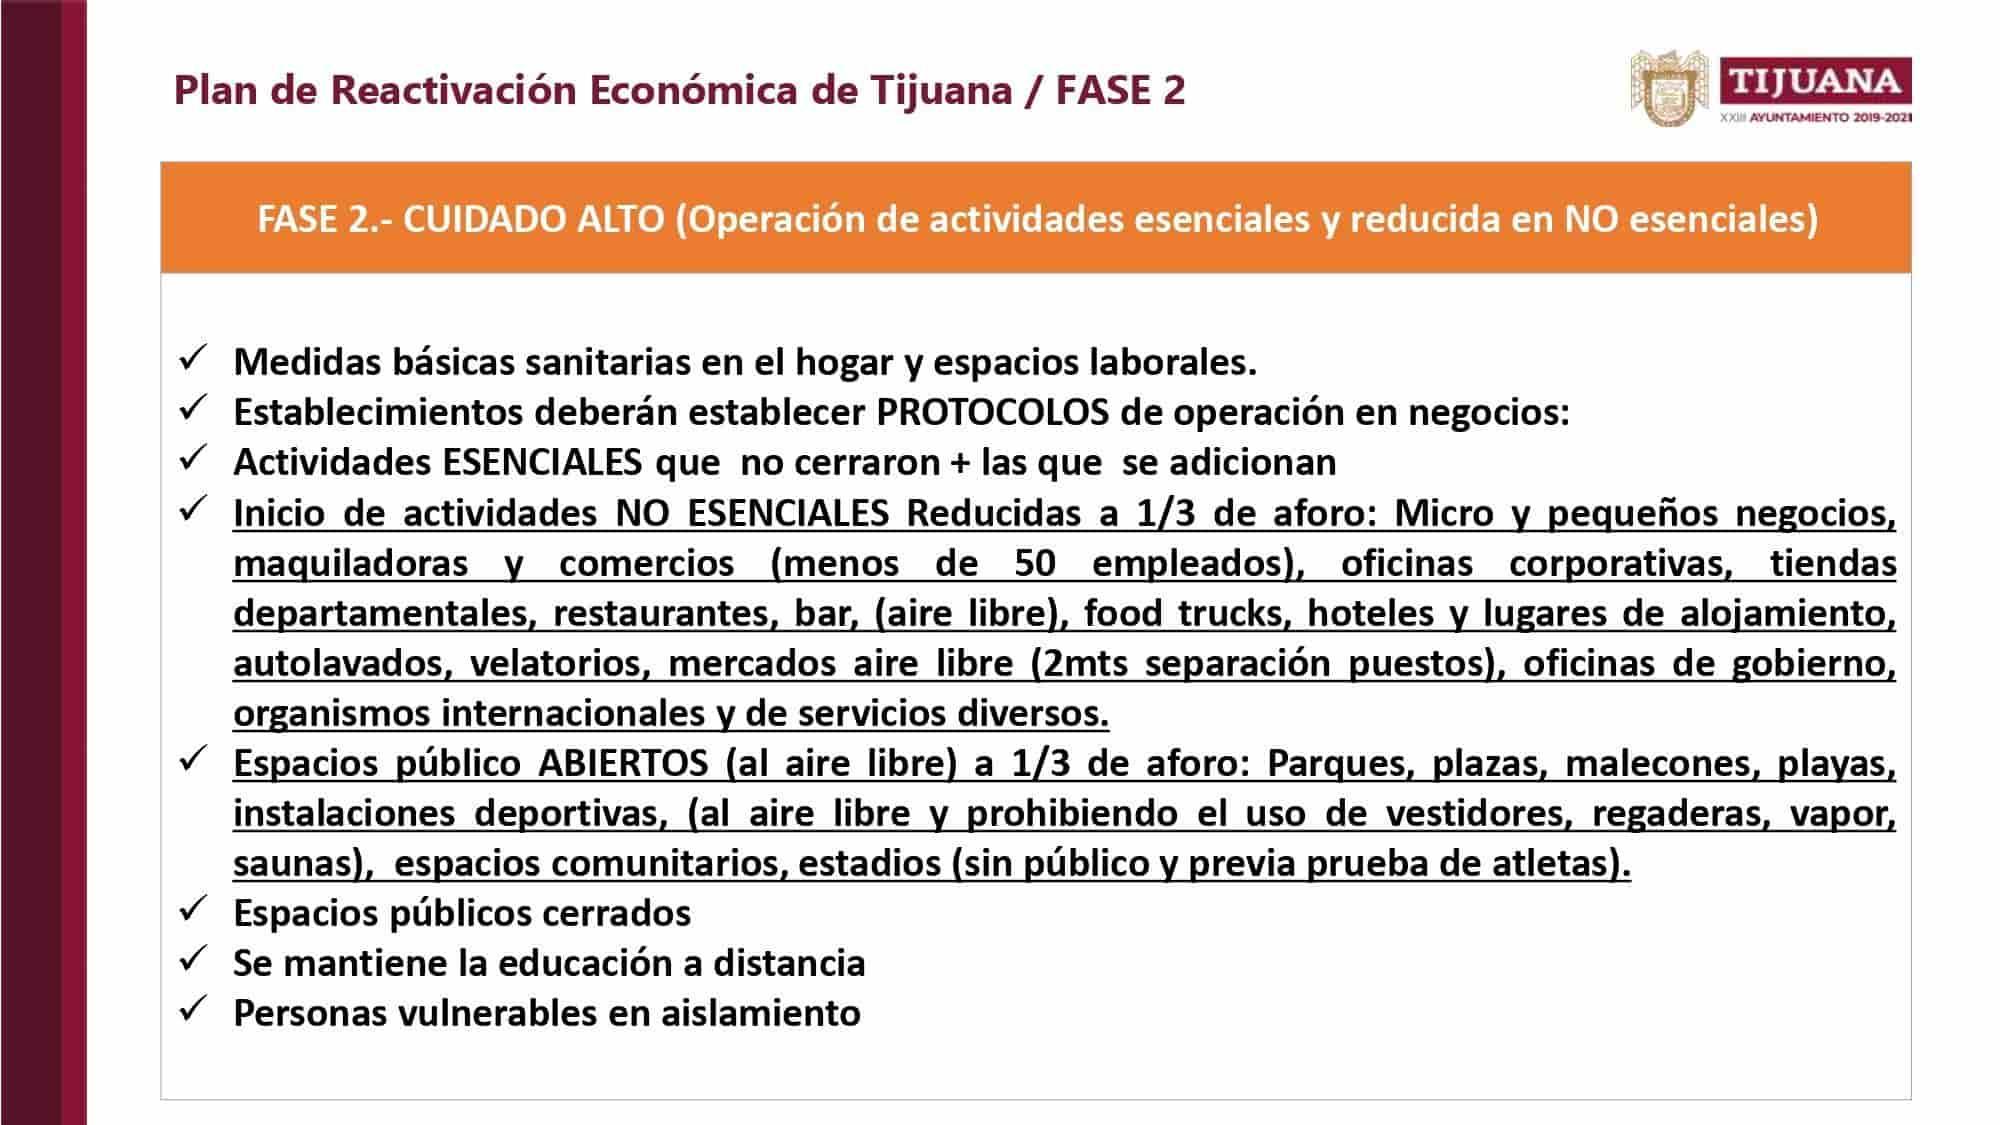 Las 4 Fases del Plan de Reactivación Económica de Tijuana